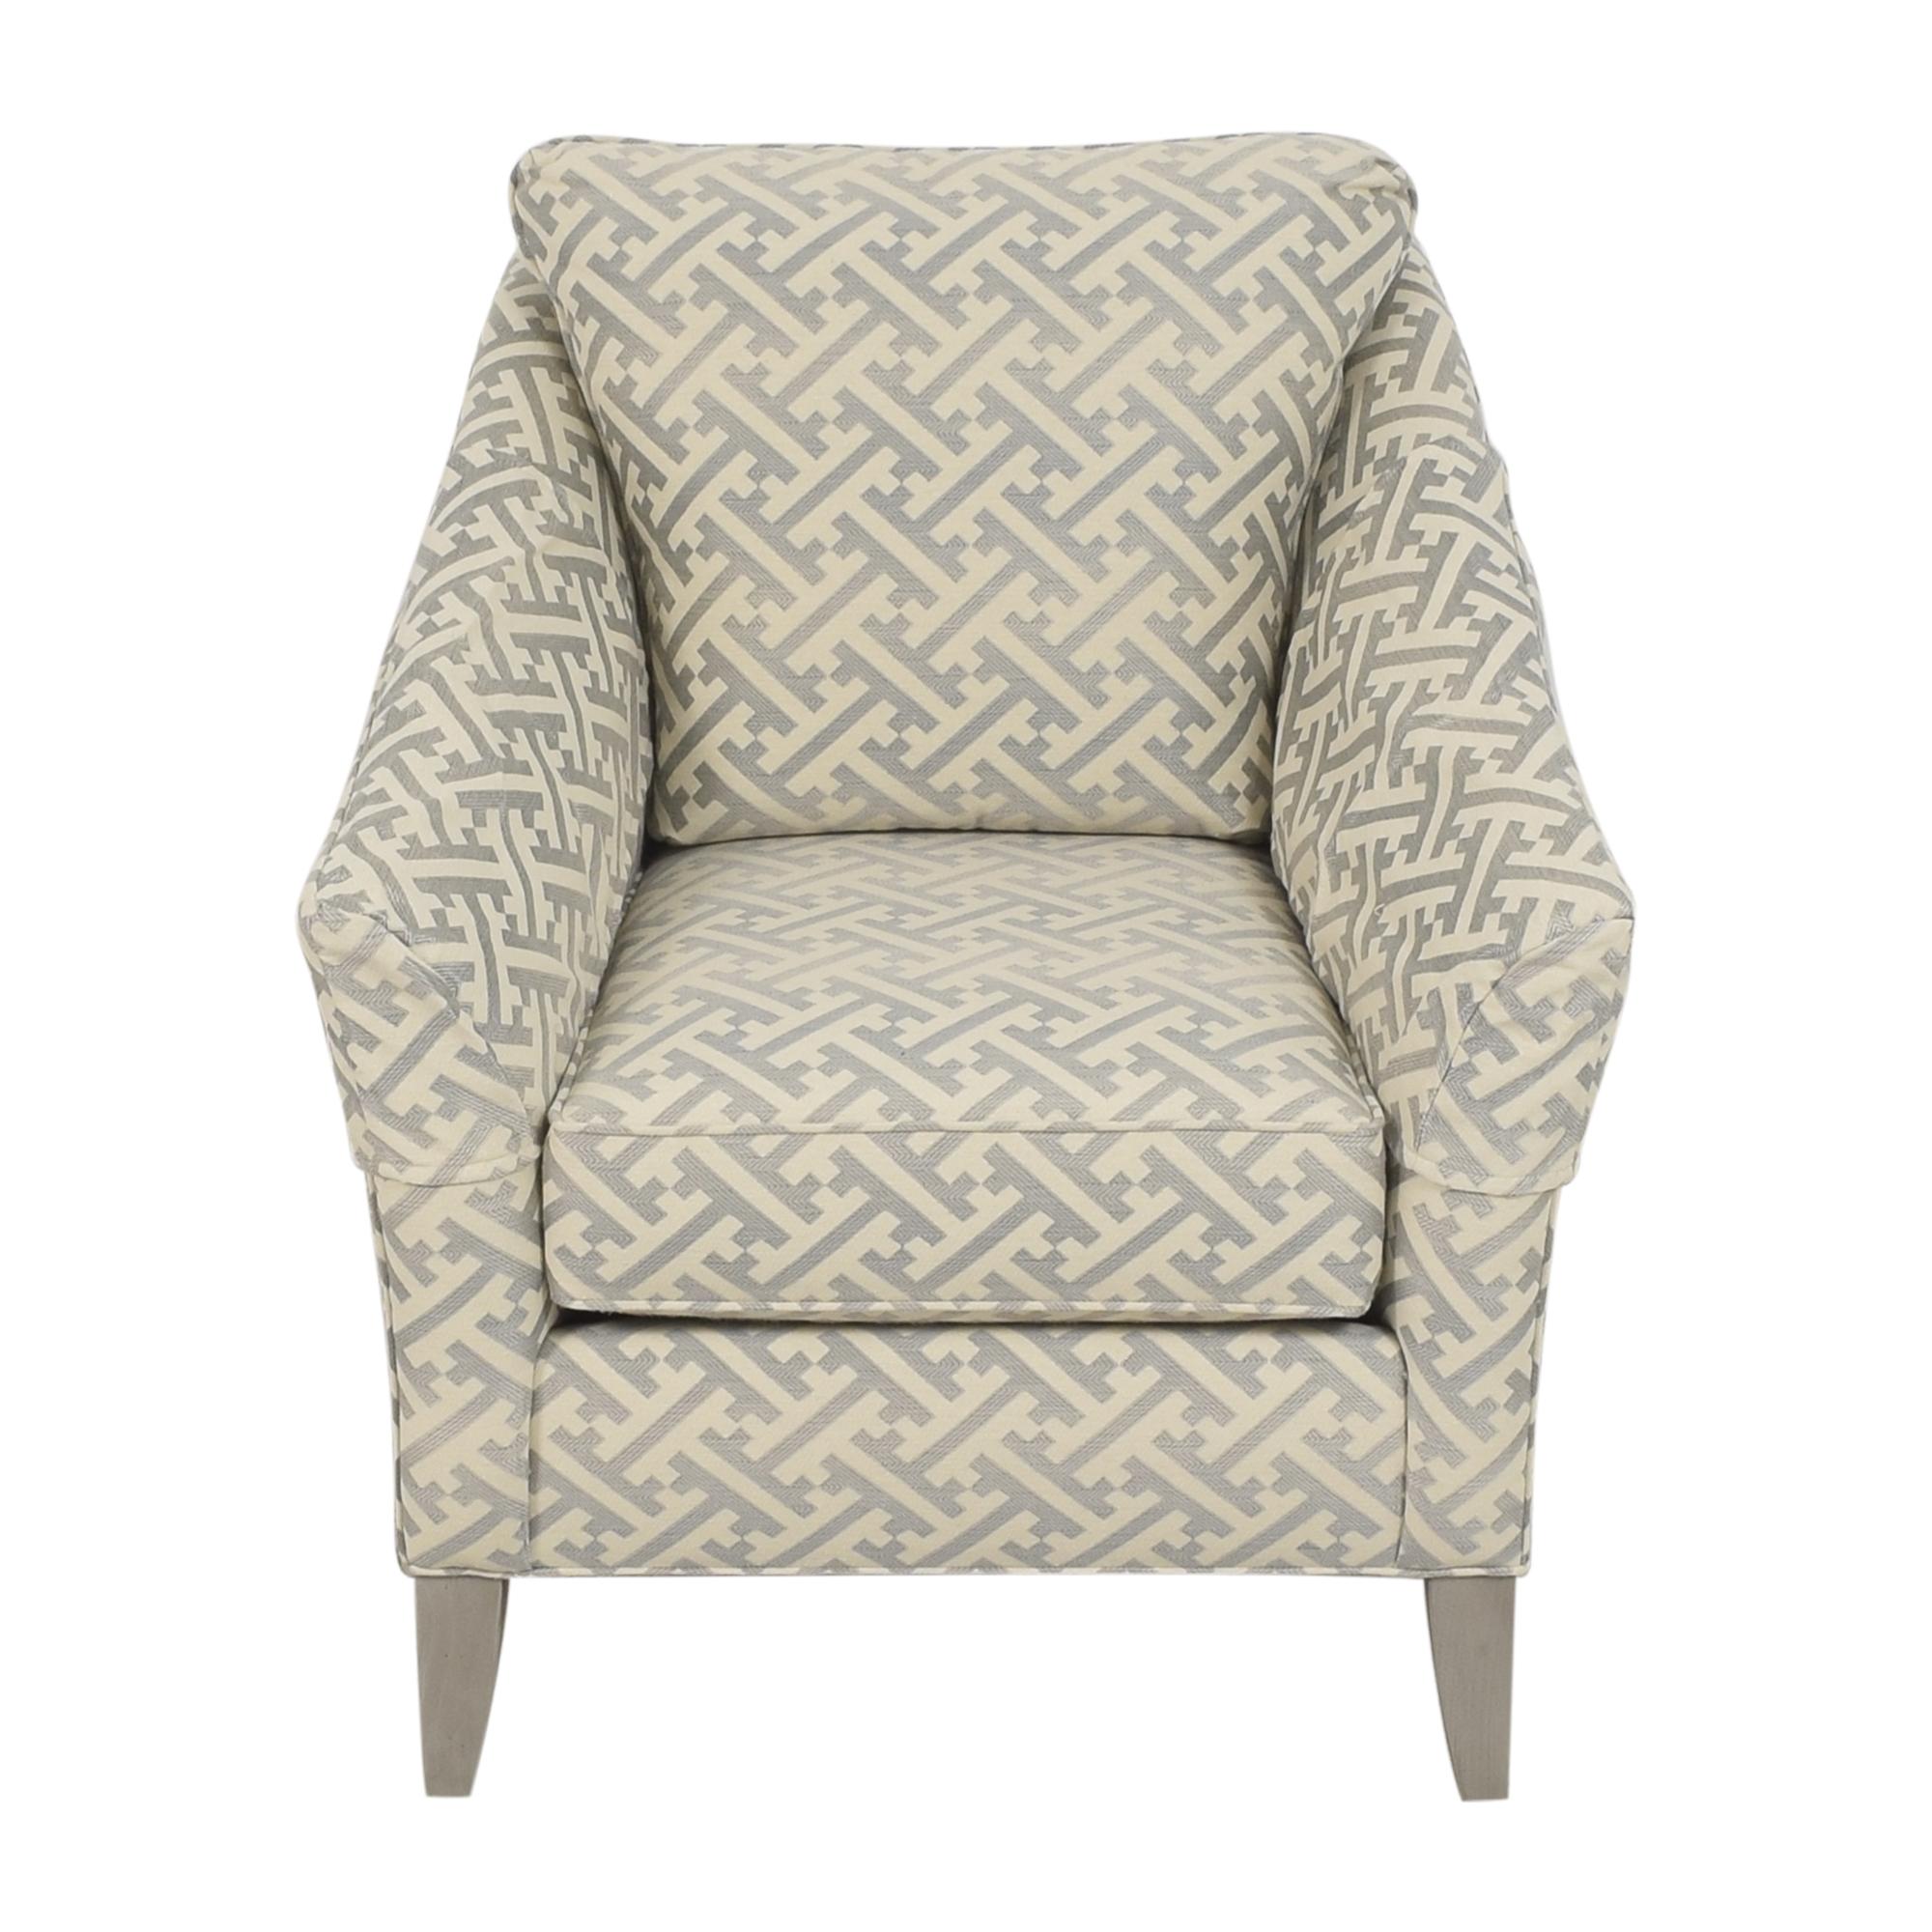 Ethan Allen Ethan Allen Gibson Arm Chair coupon